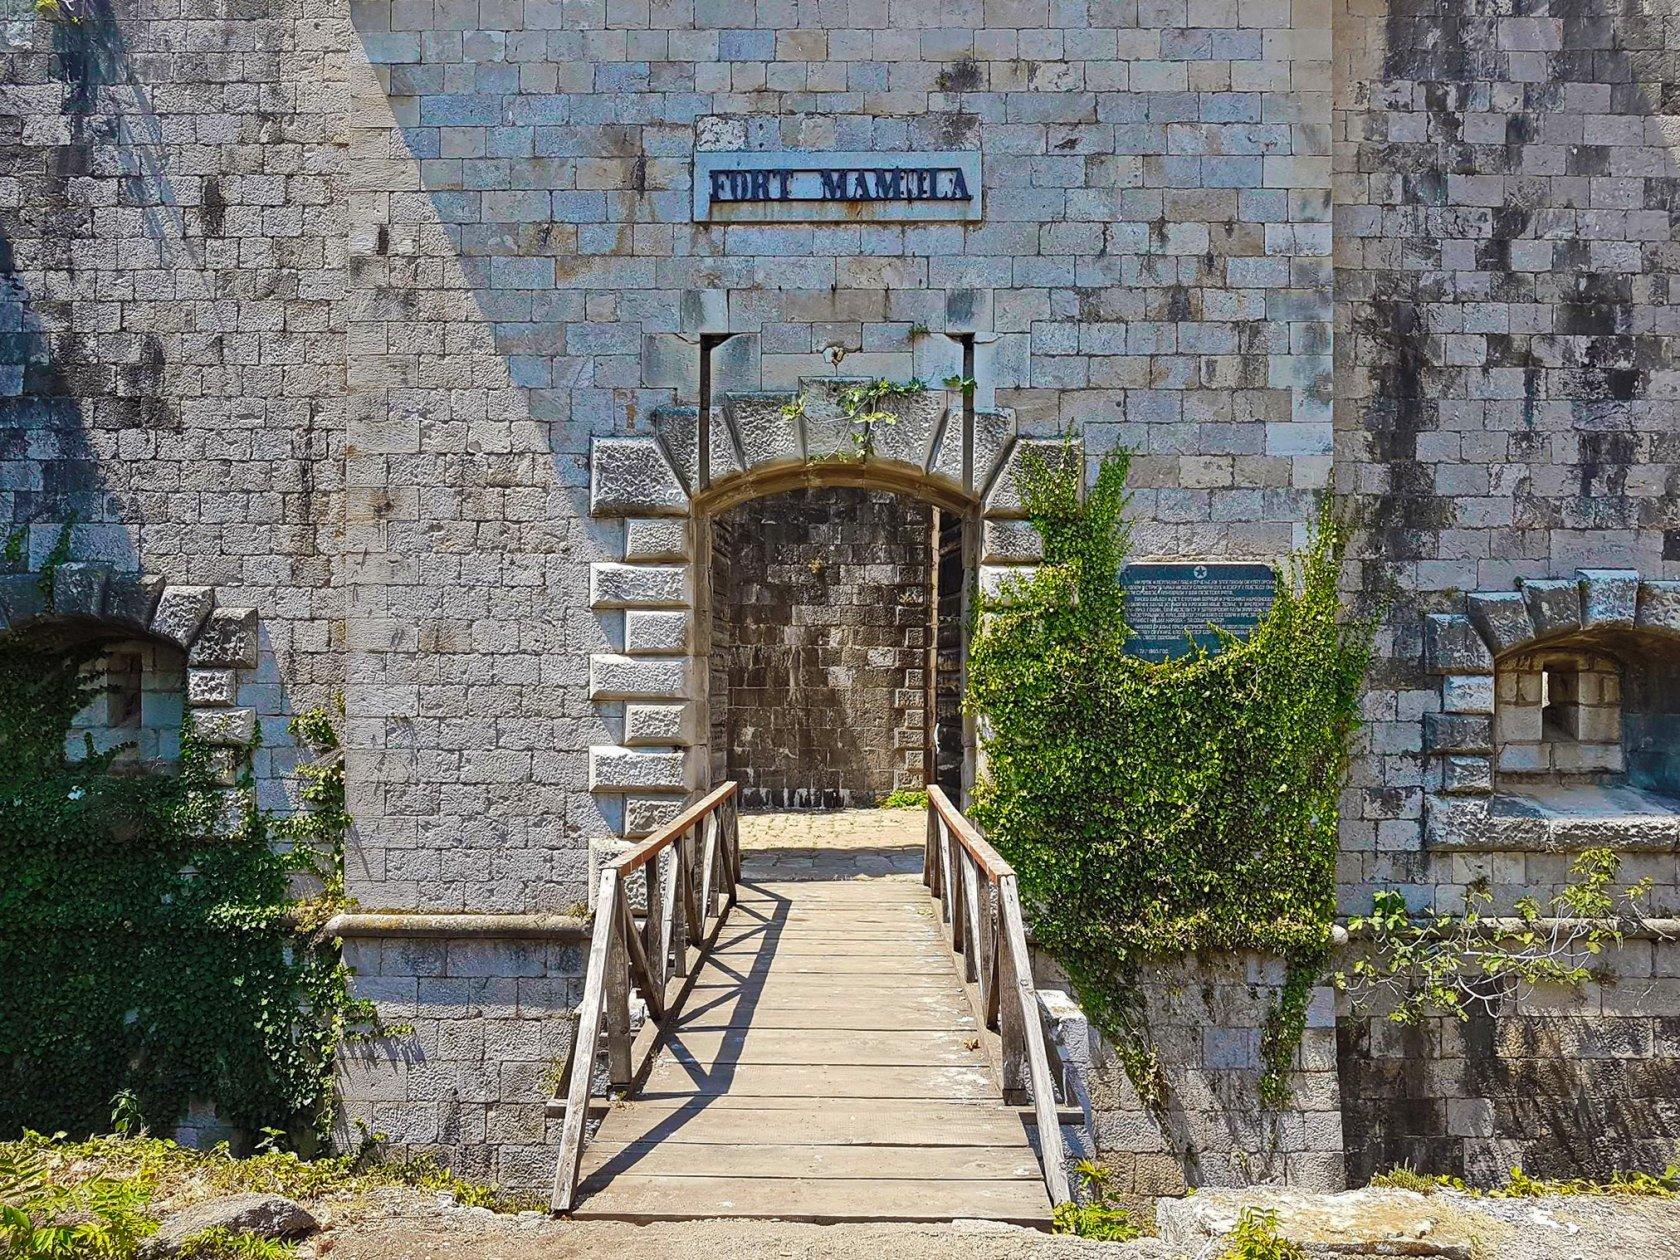 форт мамула, экскурсии по черногории, гид по черногории, крепости черногории